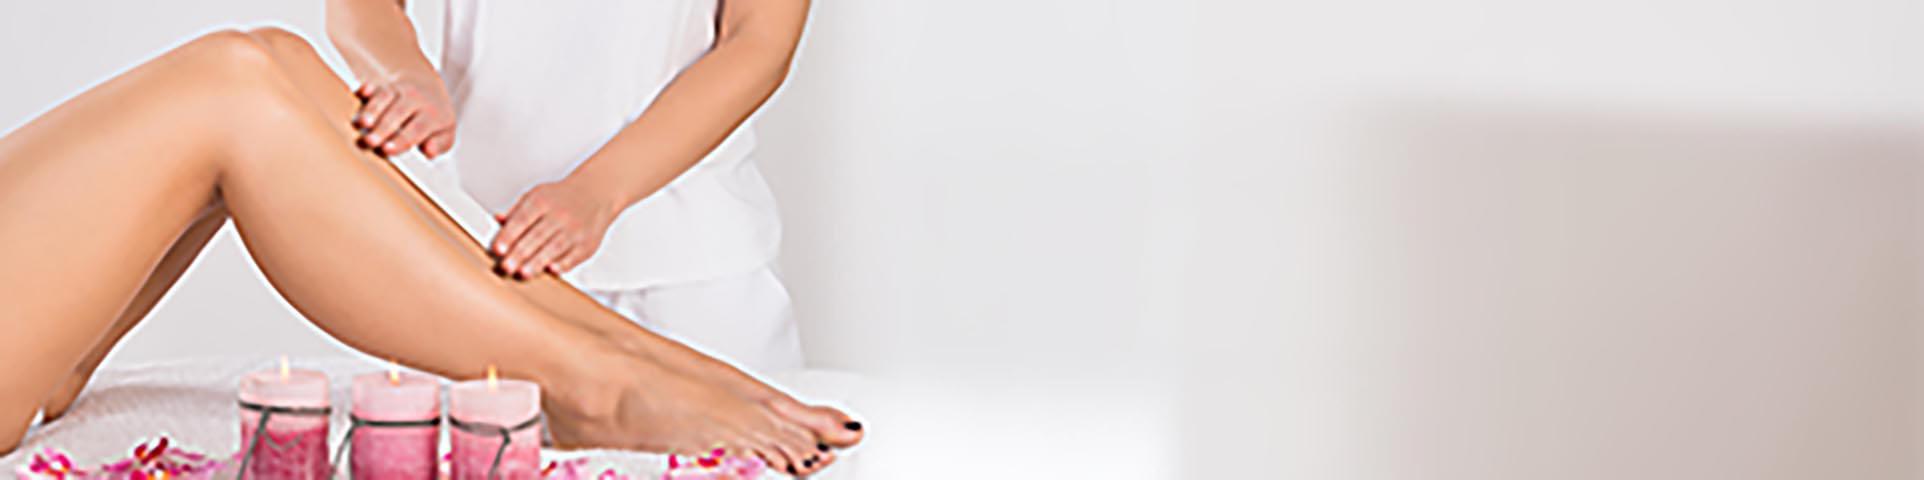 Harzen sicher & effektiv Frauenbeine, die geharzt werden